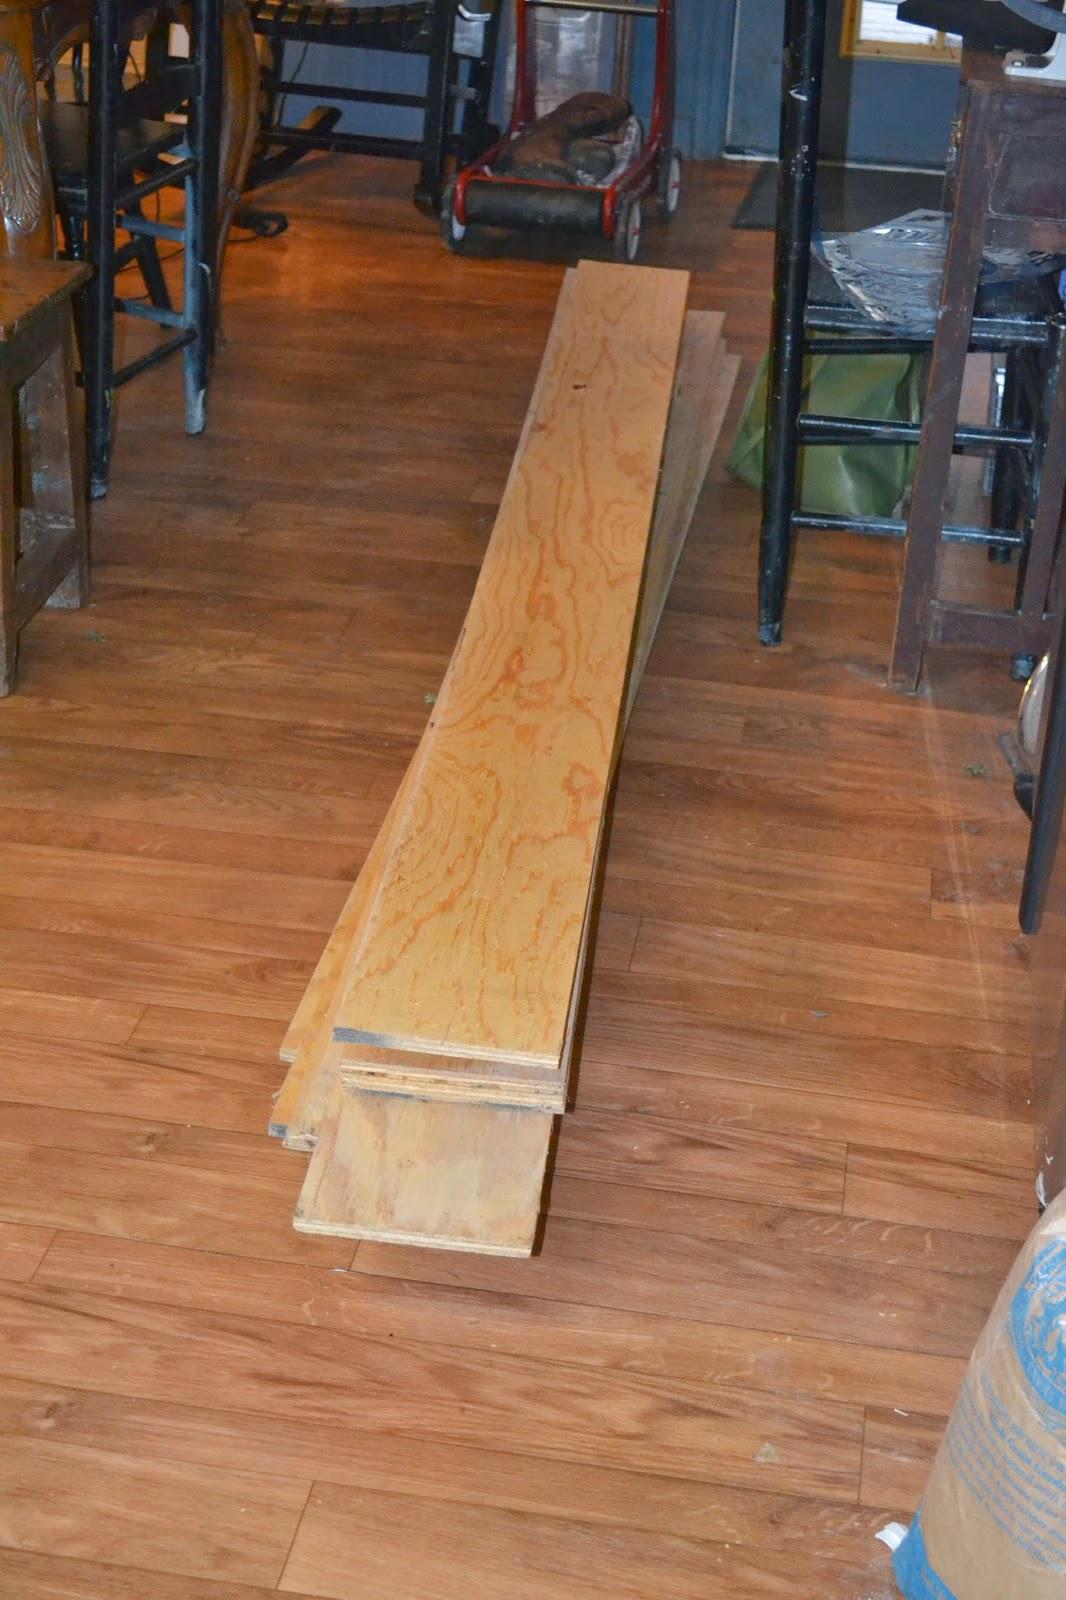 A Baker s Dozen Barnhouse News Frugal Farmhouse Wood Floors & Goodby